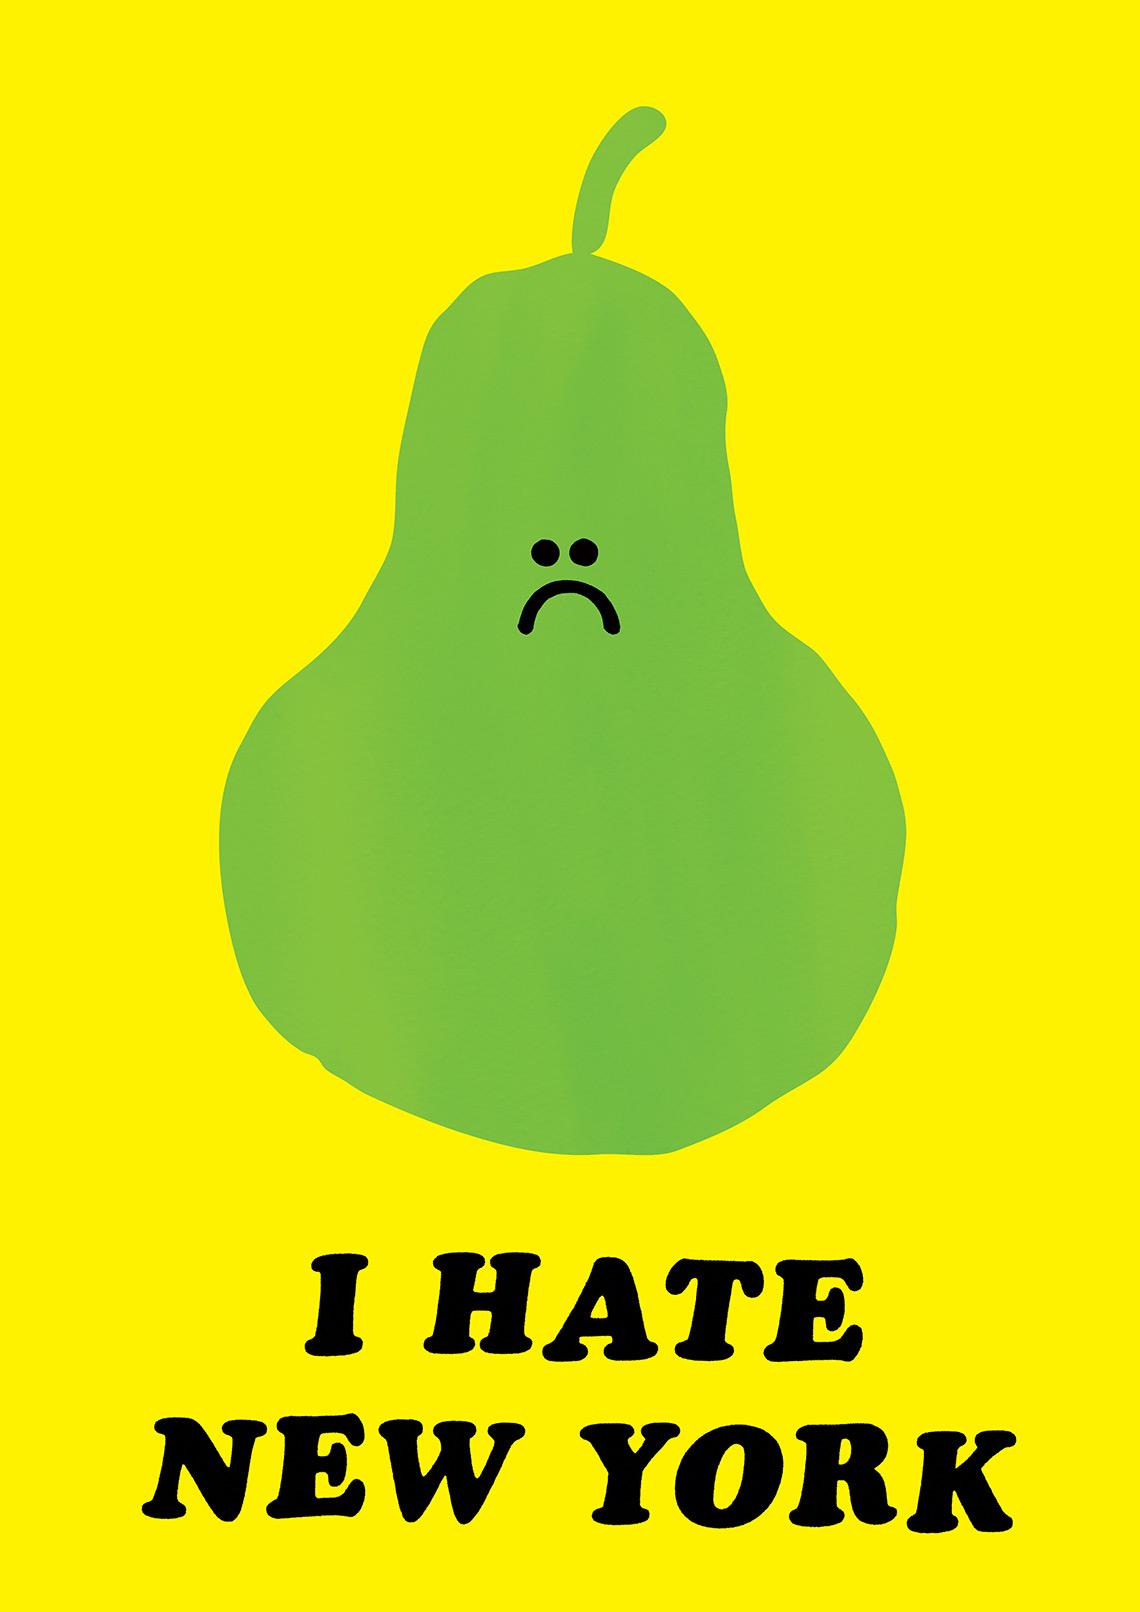 I_hate_NY.jpg